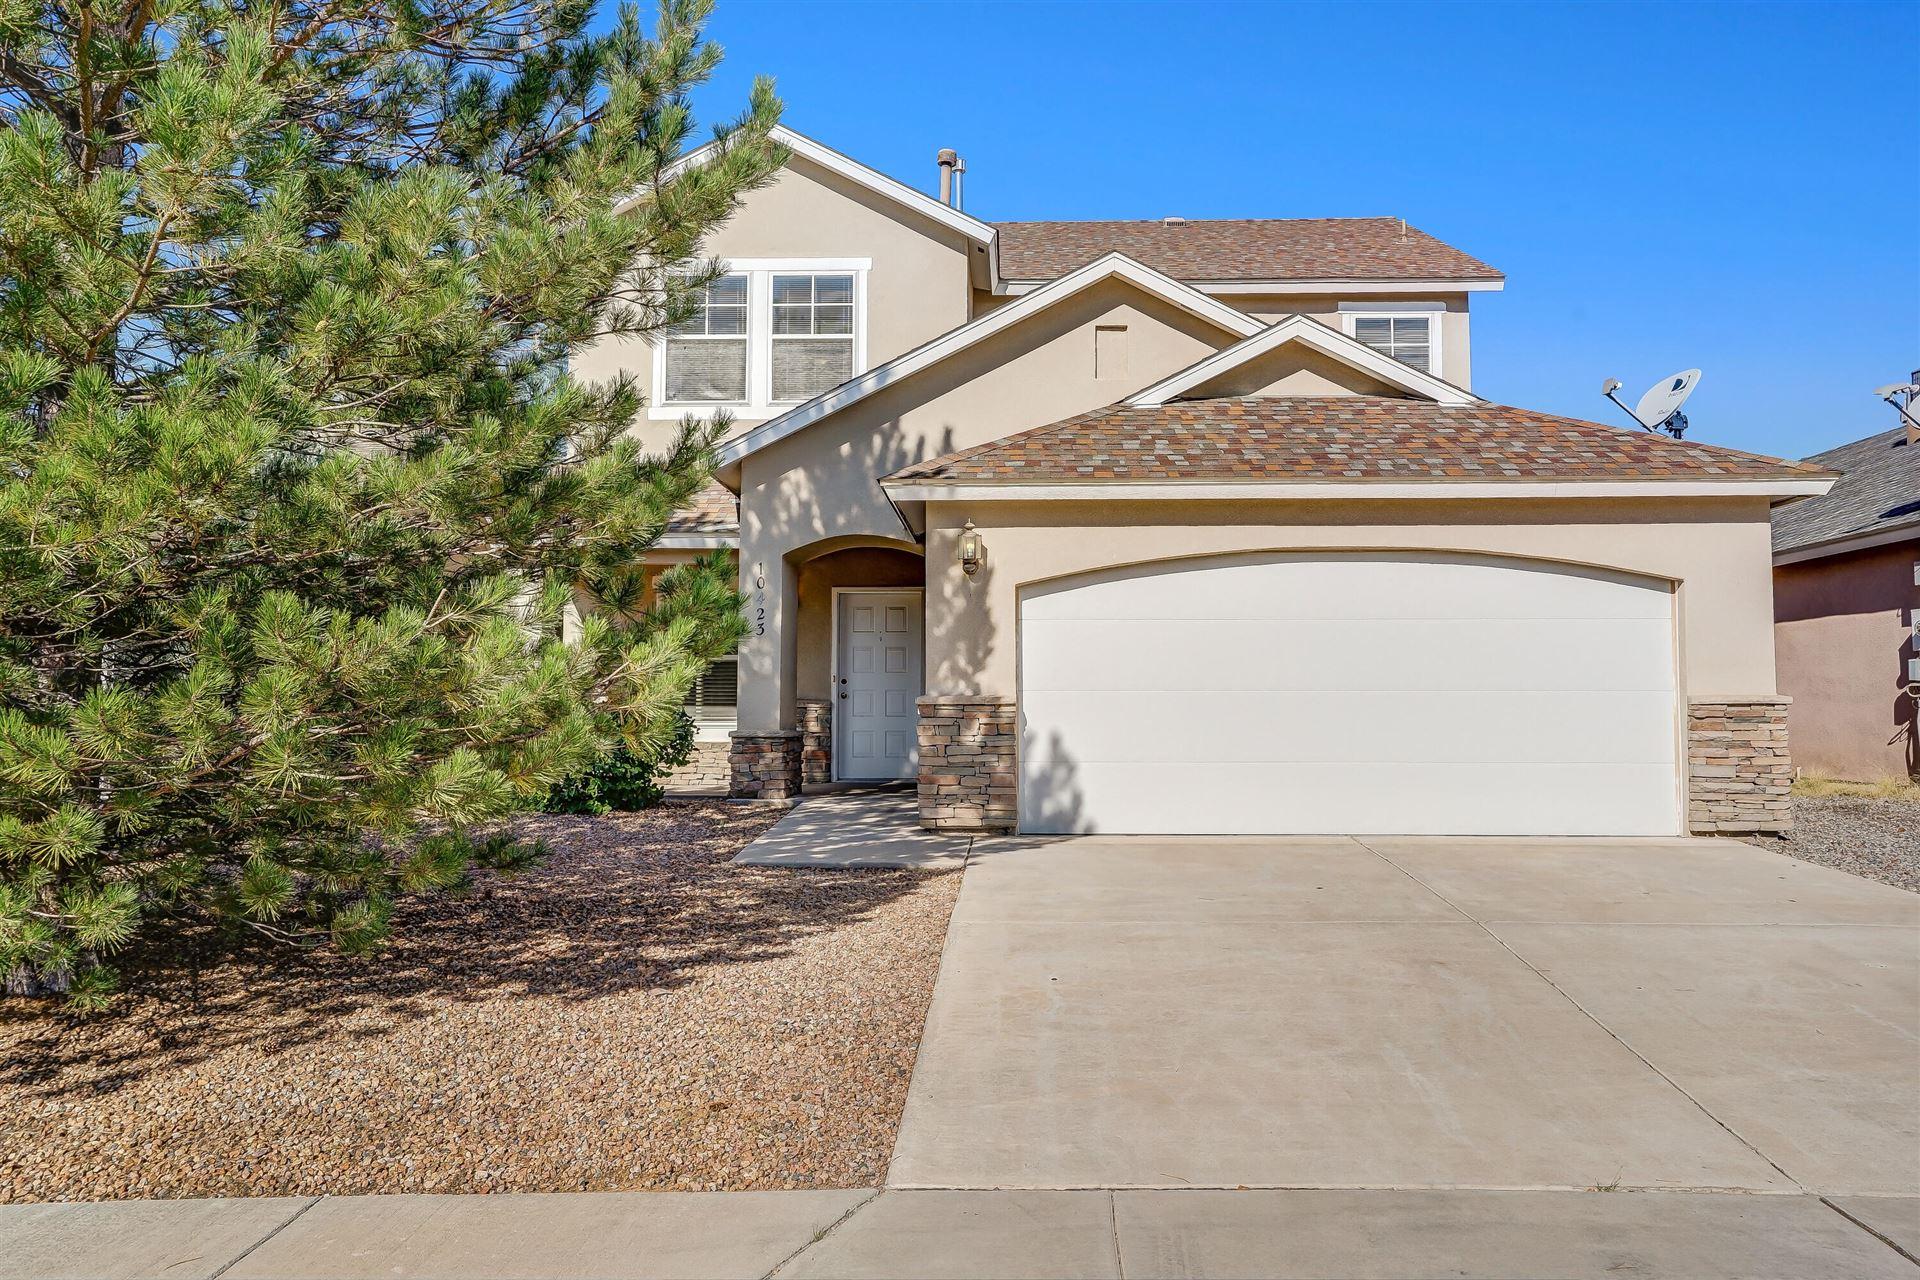 10423 CALLE ACANTA NW, Albuquerque, NM 87114 - #: 1000702